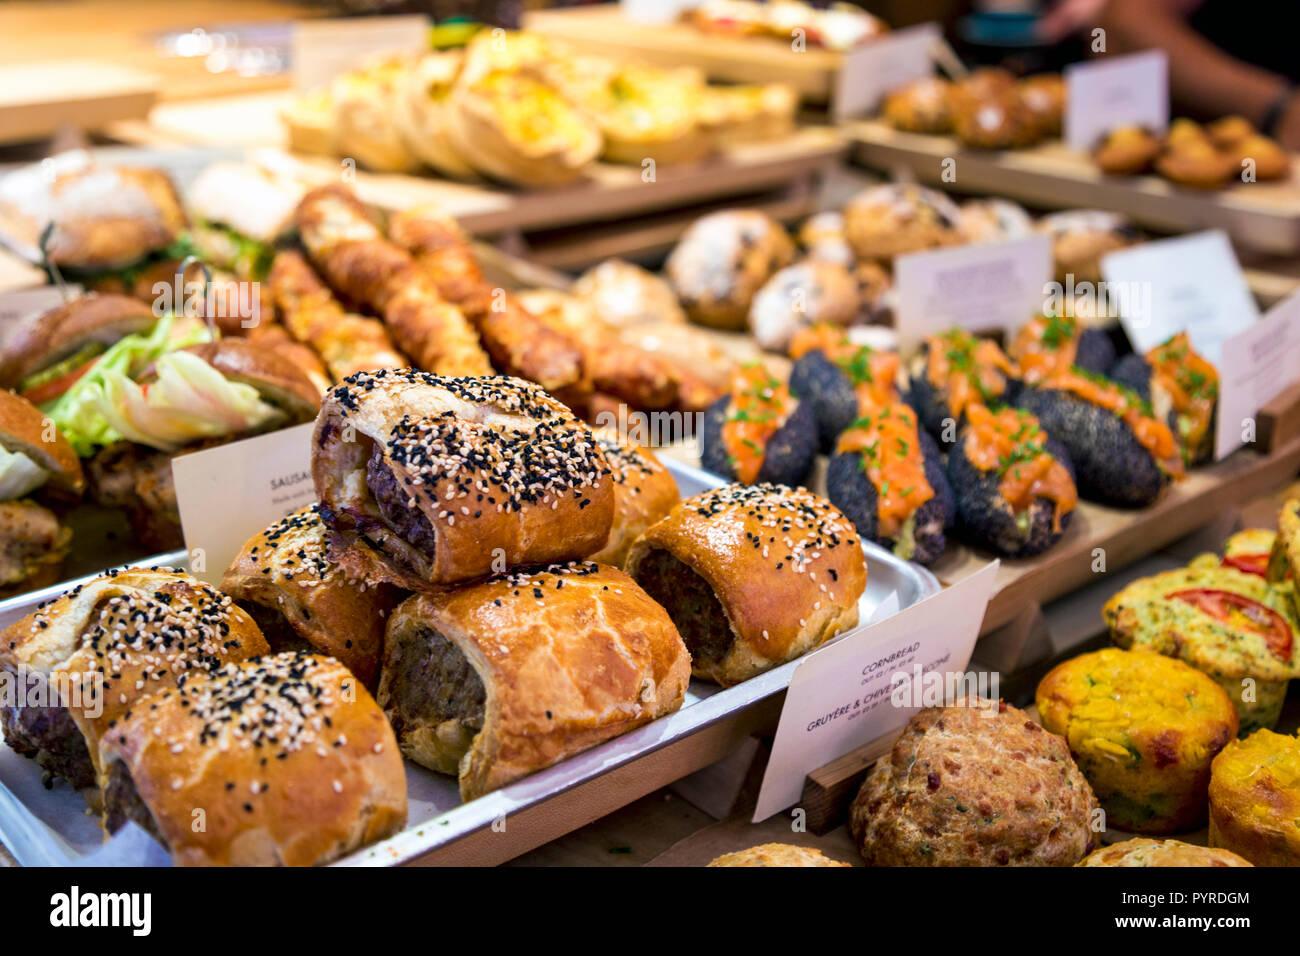 Leckere Wurst, Brötchen und Brotsorten und Brötchen in einem Café/Bäckerei (Gail), London, UK Stockbild